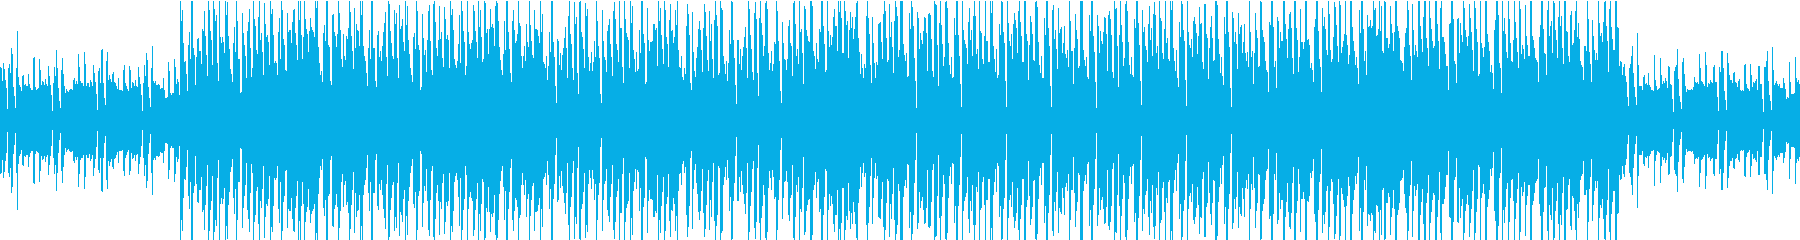 シンプルクールなシンセの再生済みの波形